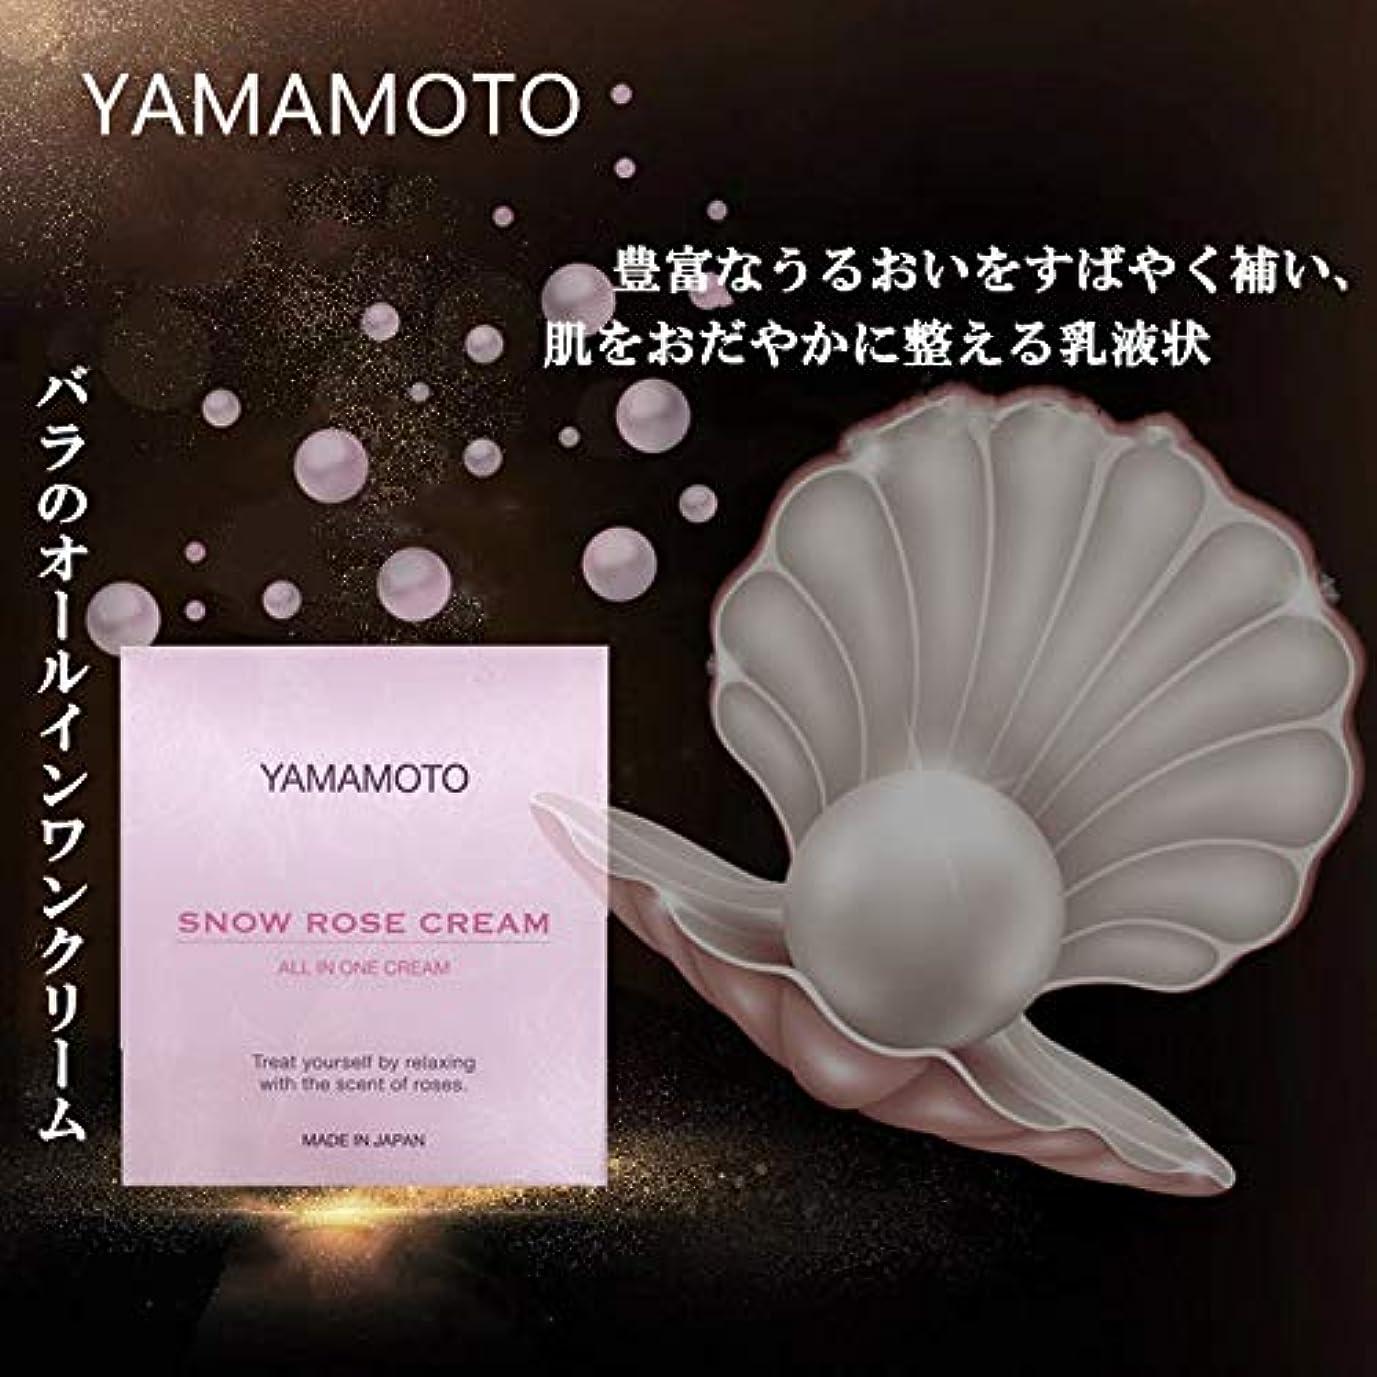 マトロン規制マスクYAMAMOTO Y保湿クリームONEジェルクリーム50g (ピンク)